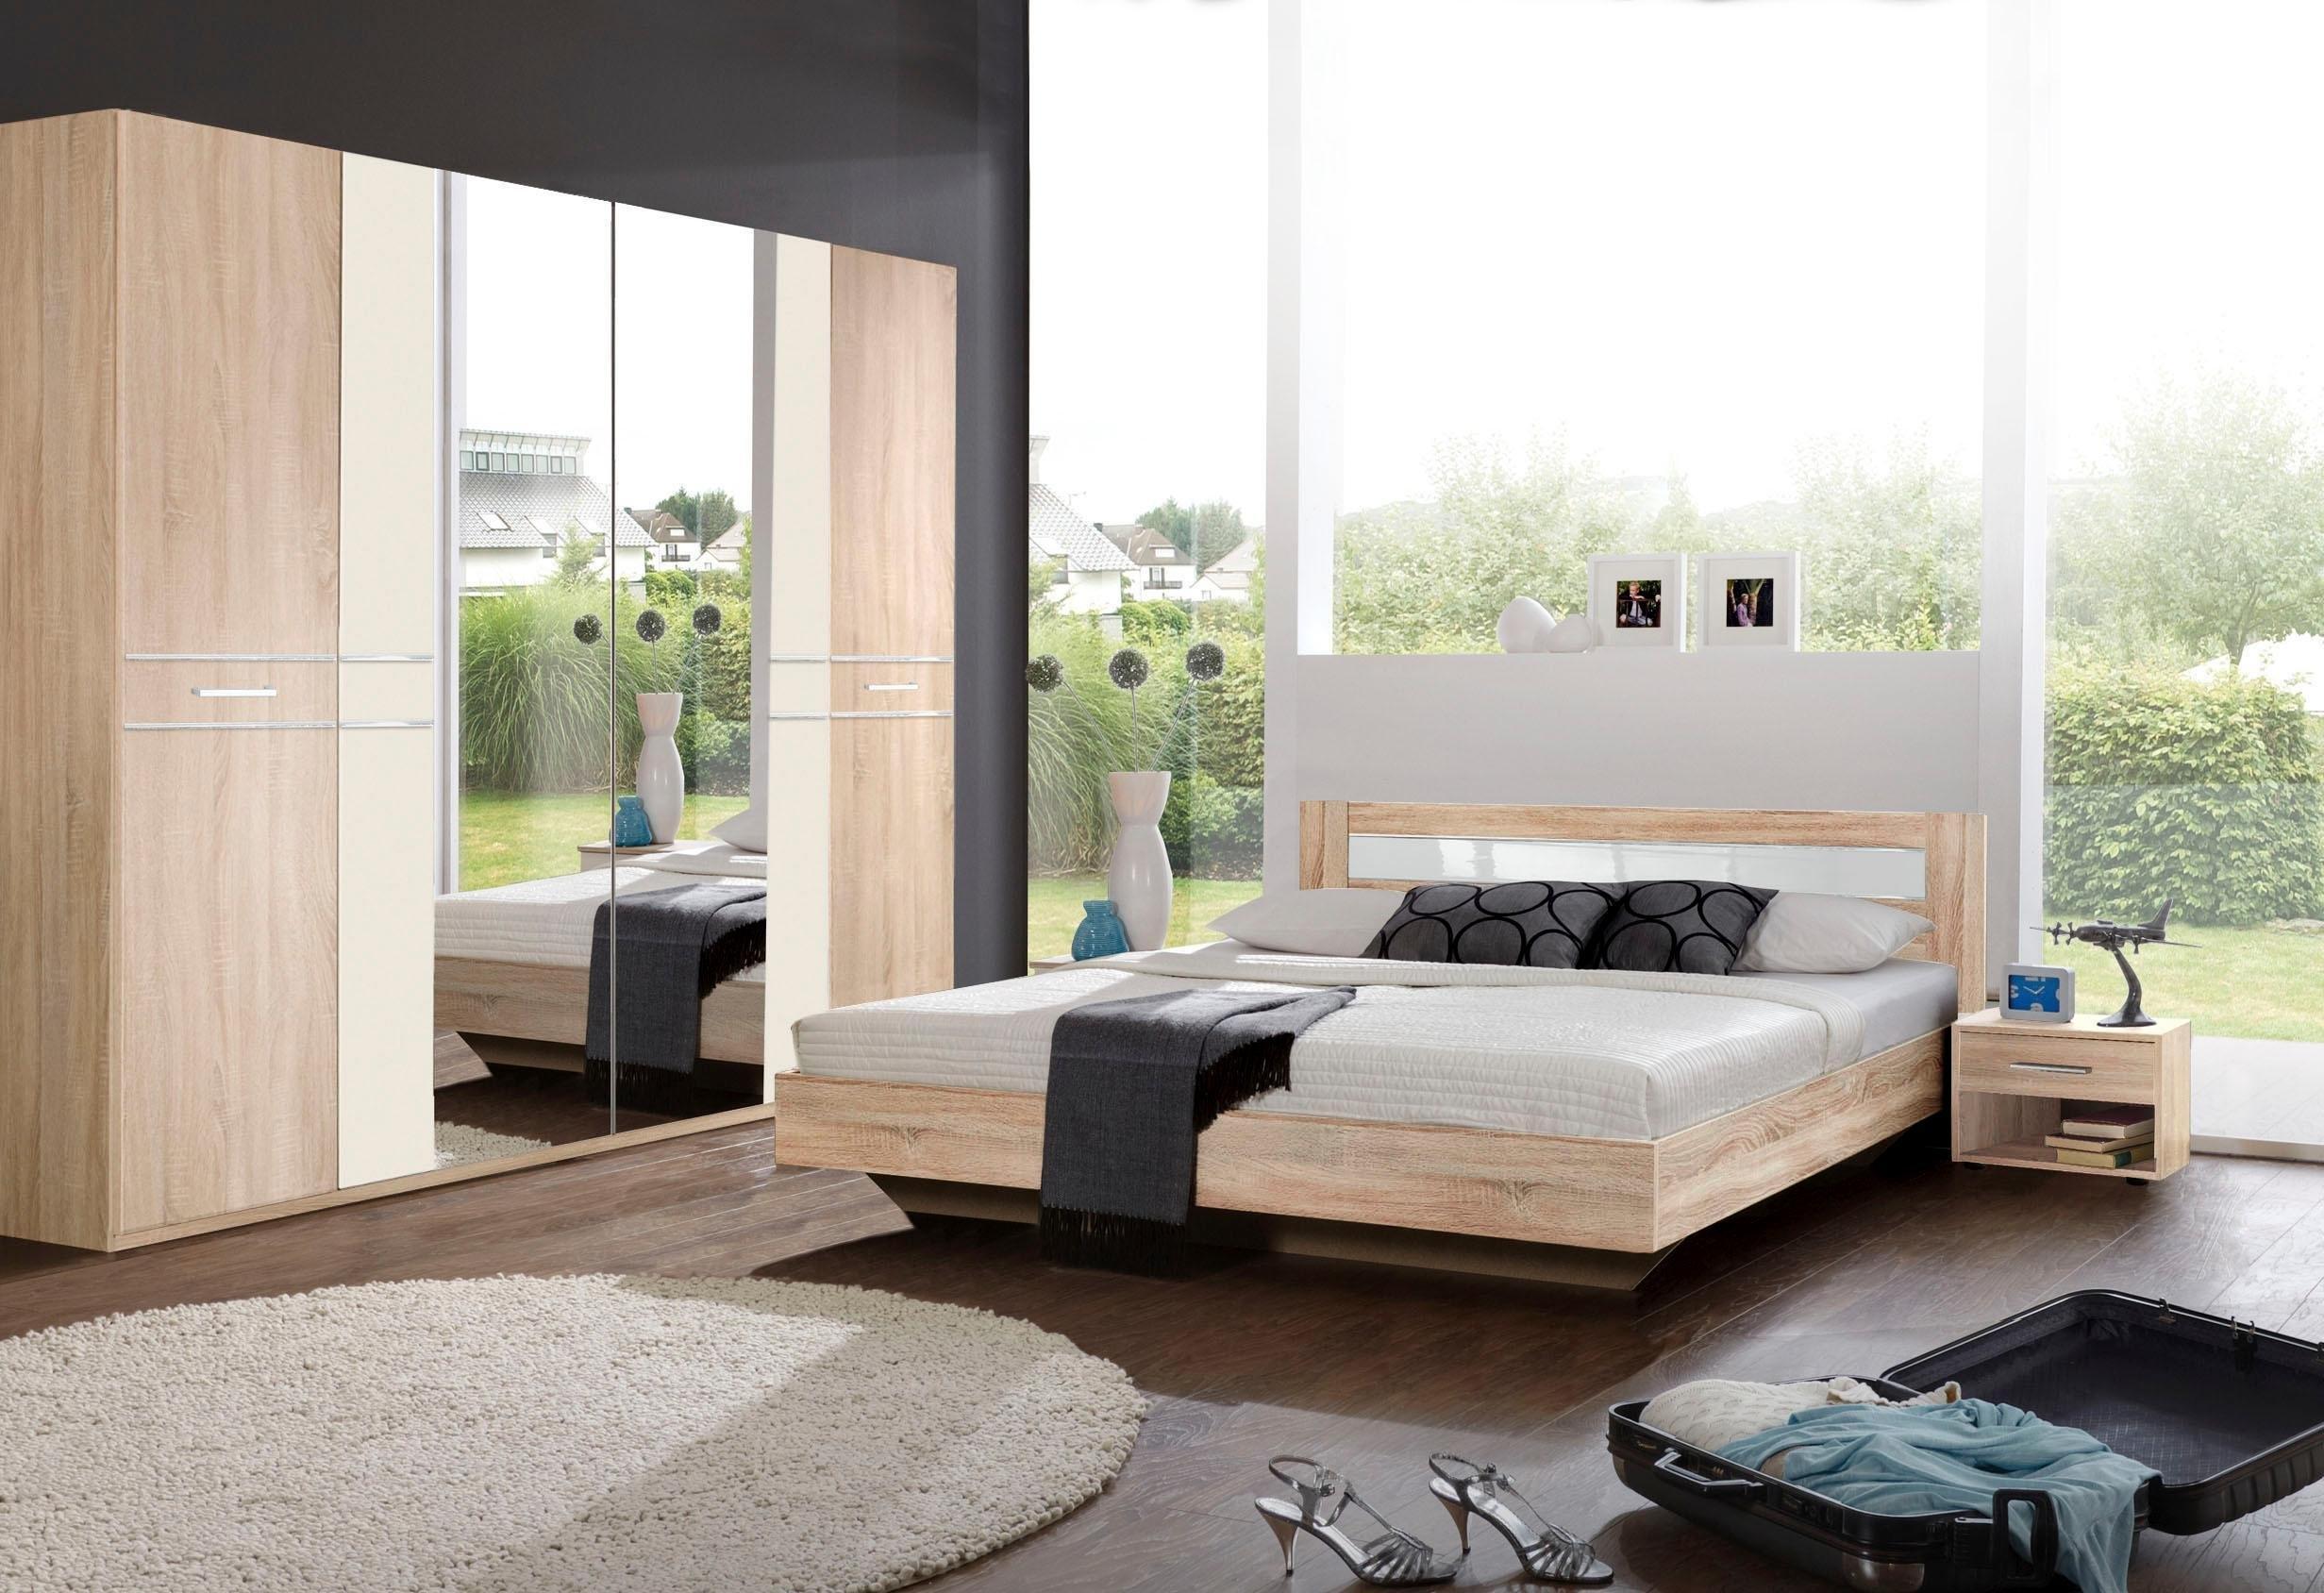 Slaapkamersets kopen | Bekijk de collectie | OTTO